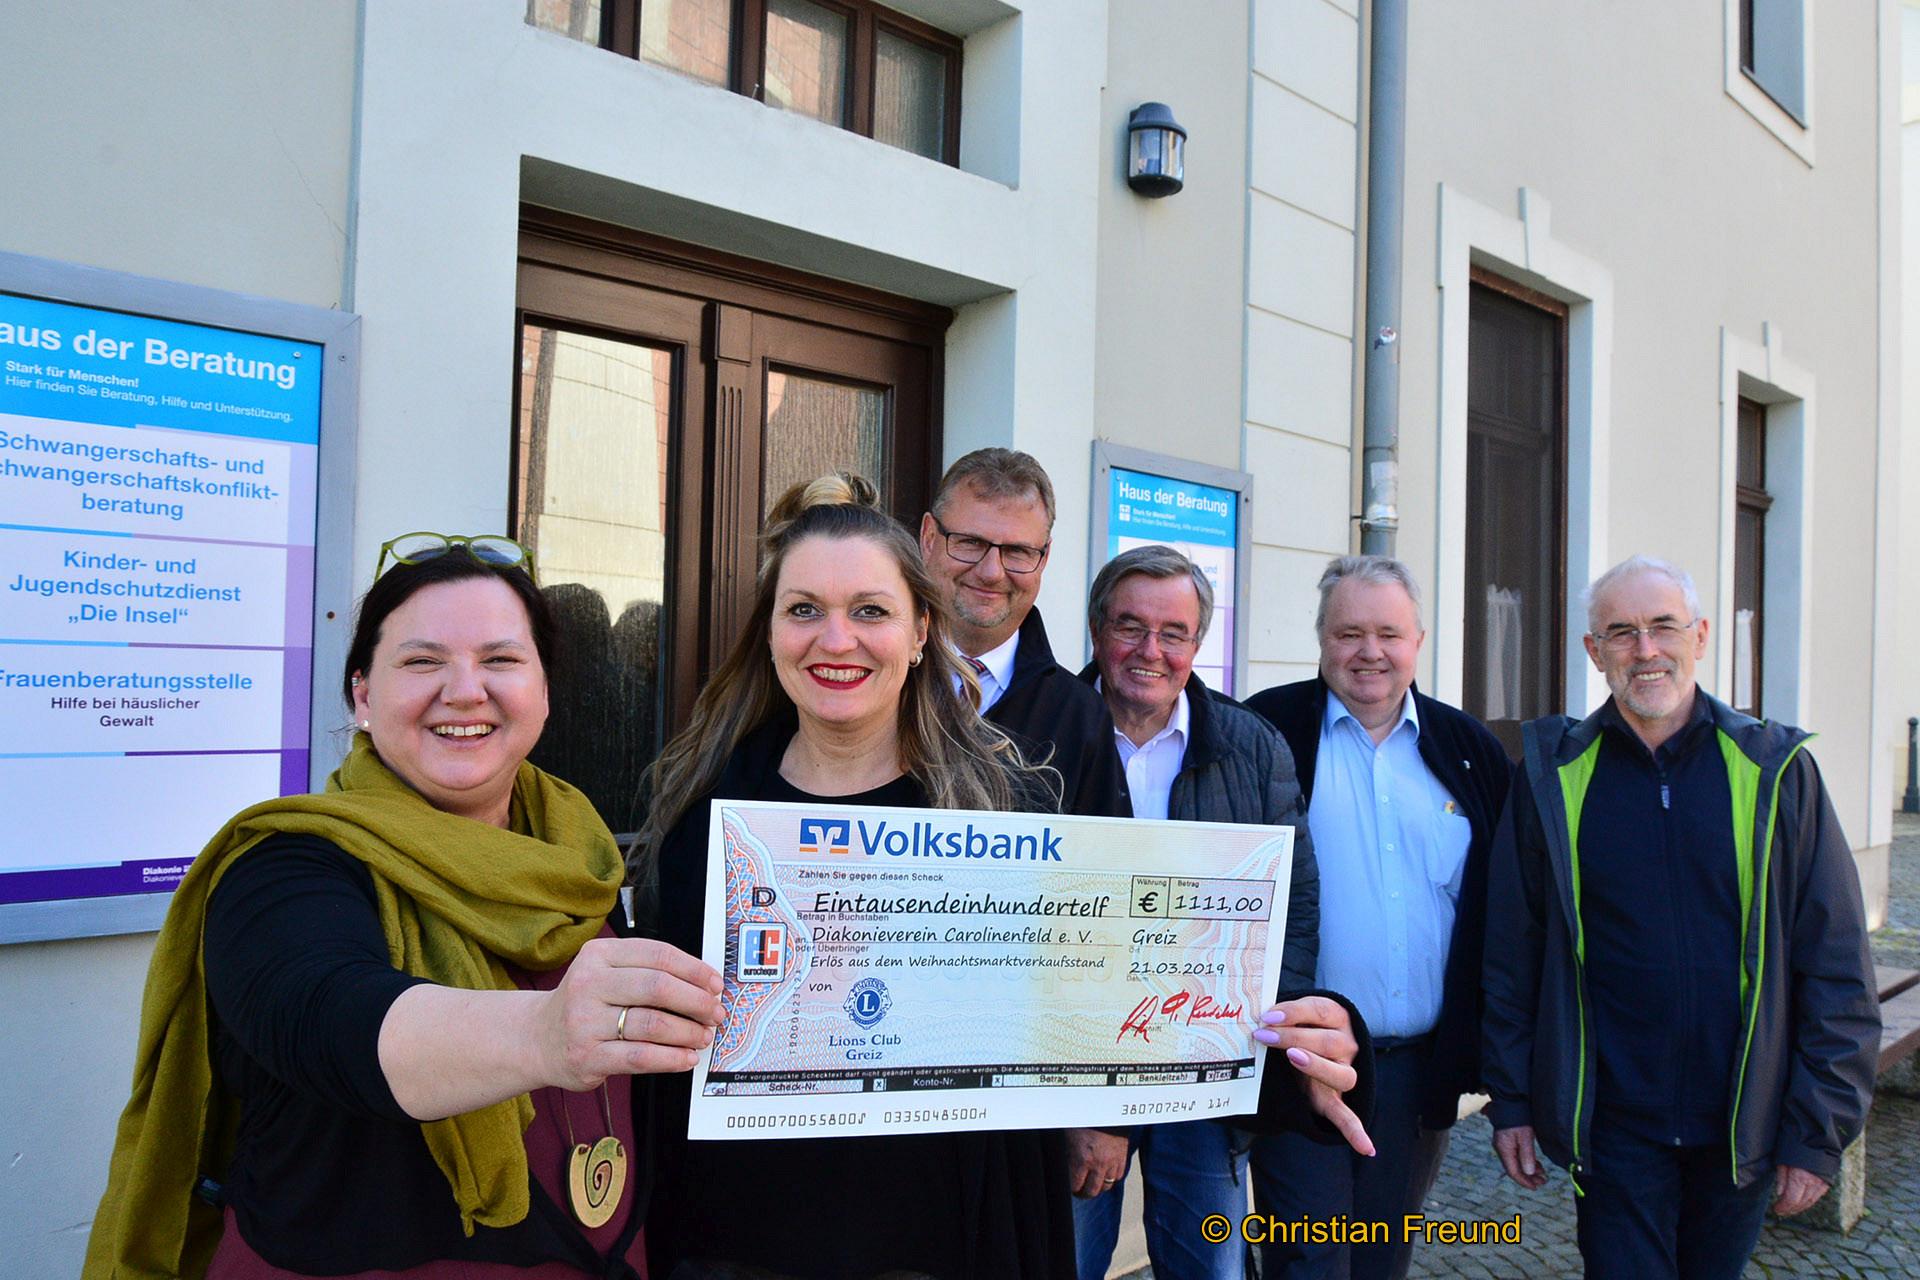 Anja-Maria Vetter vom Café OK am Kirchplatz ( links) freute sich mächtig, denn die Mitglieder des Greizer Lionsclubs mit (von links) Ivonne Zscherper, Sven Heisig, Präsident Peter Kniebel und Wilhelm Wüstner übergaben eine Spende in Höhe von 1111 Euro.